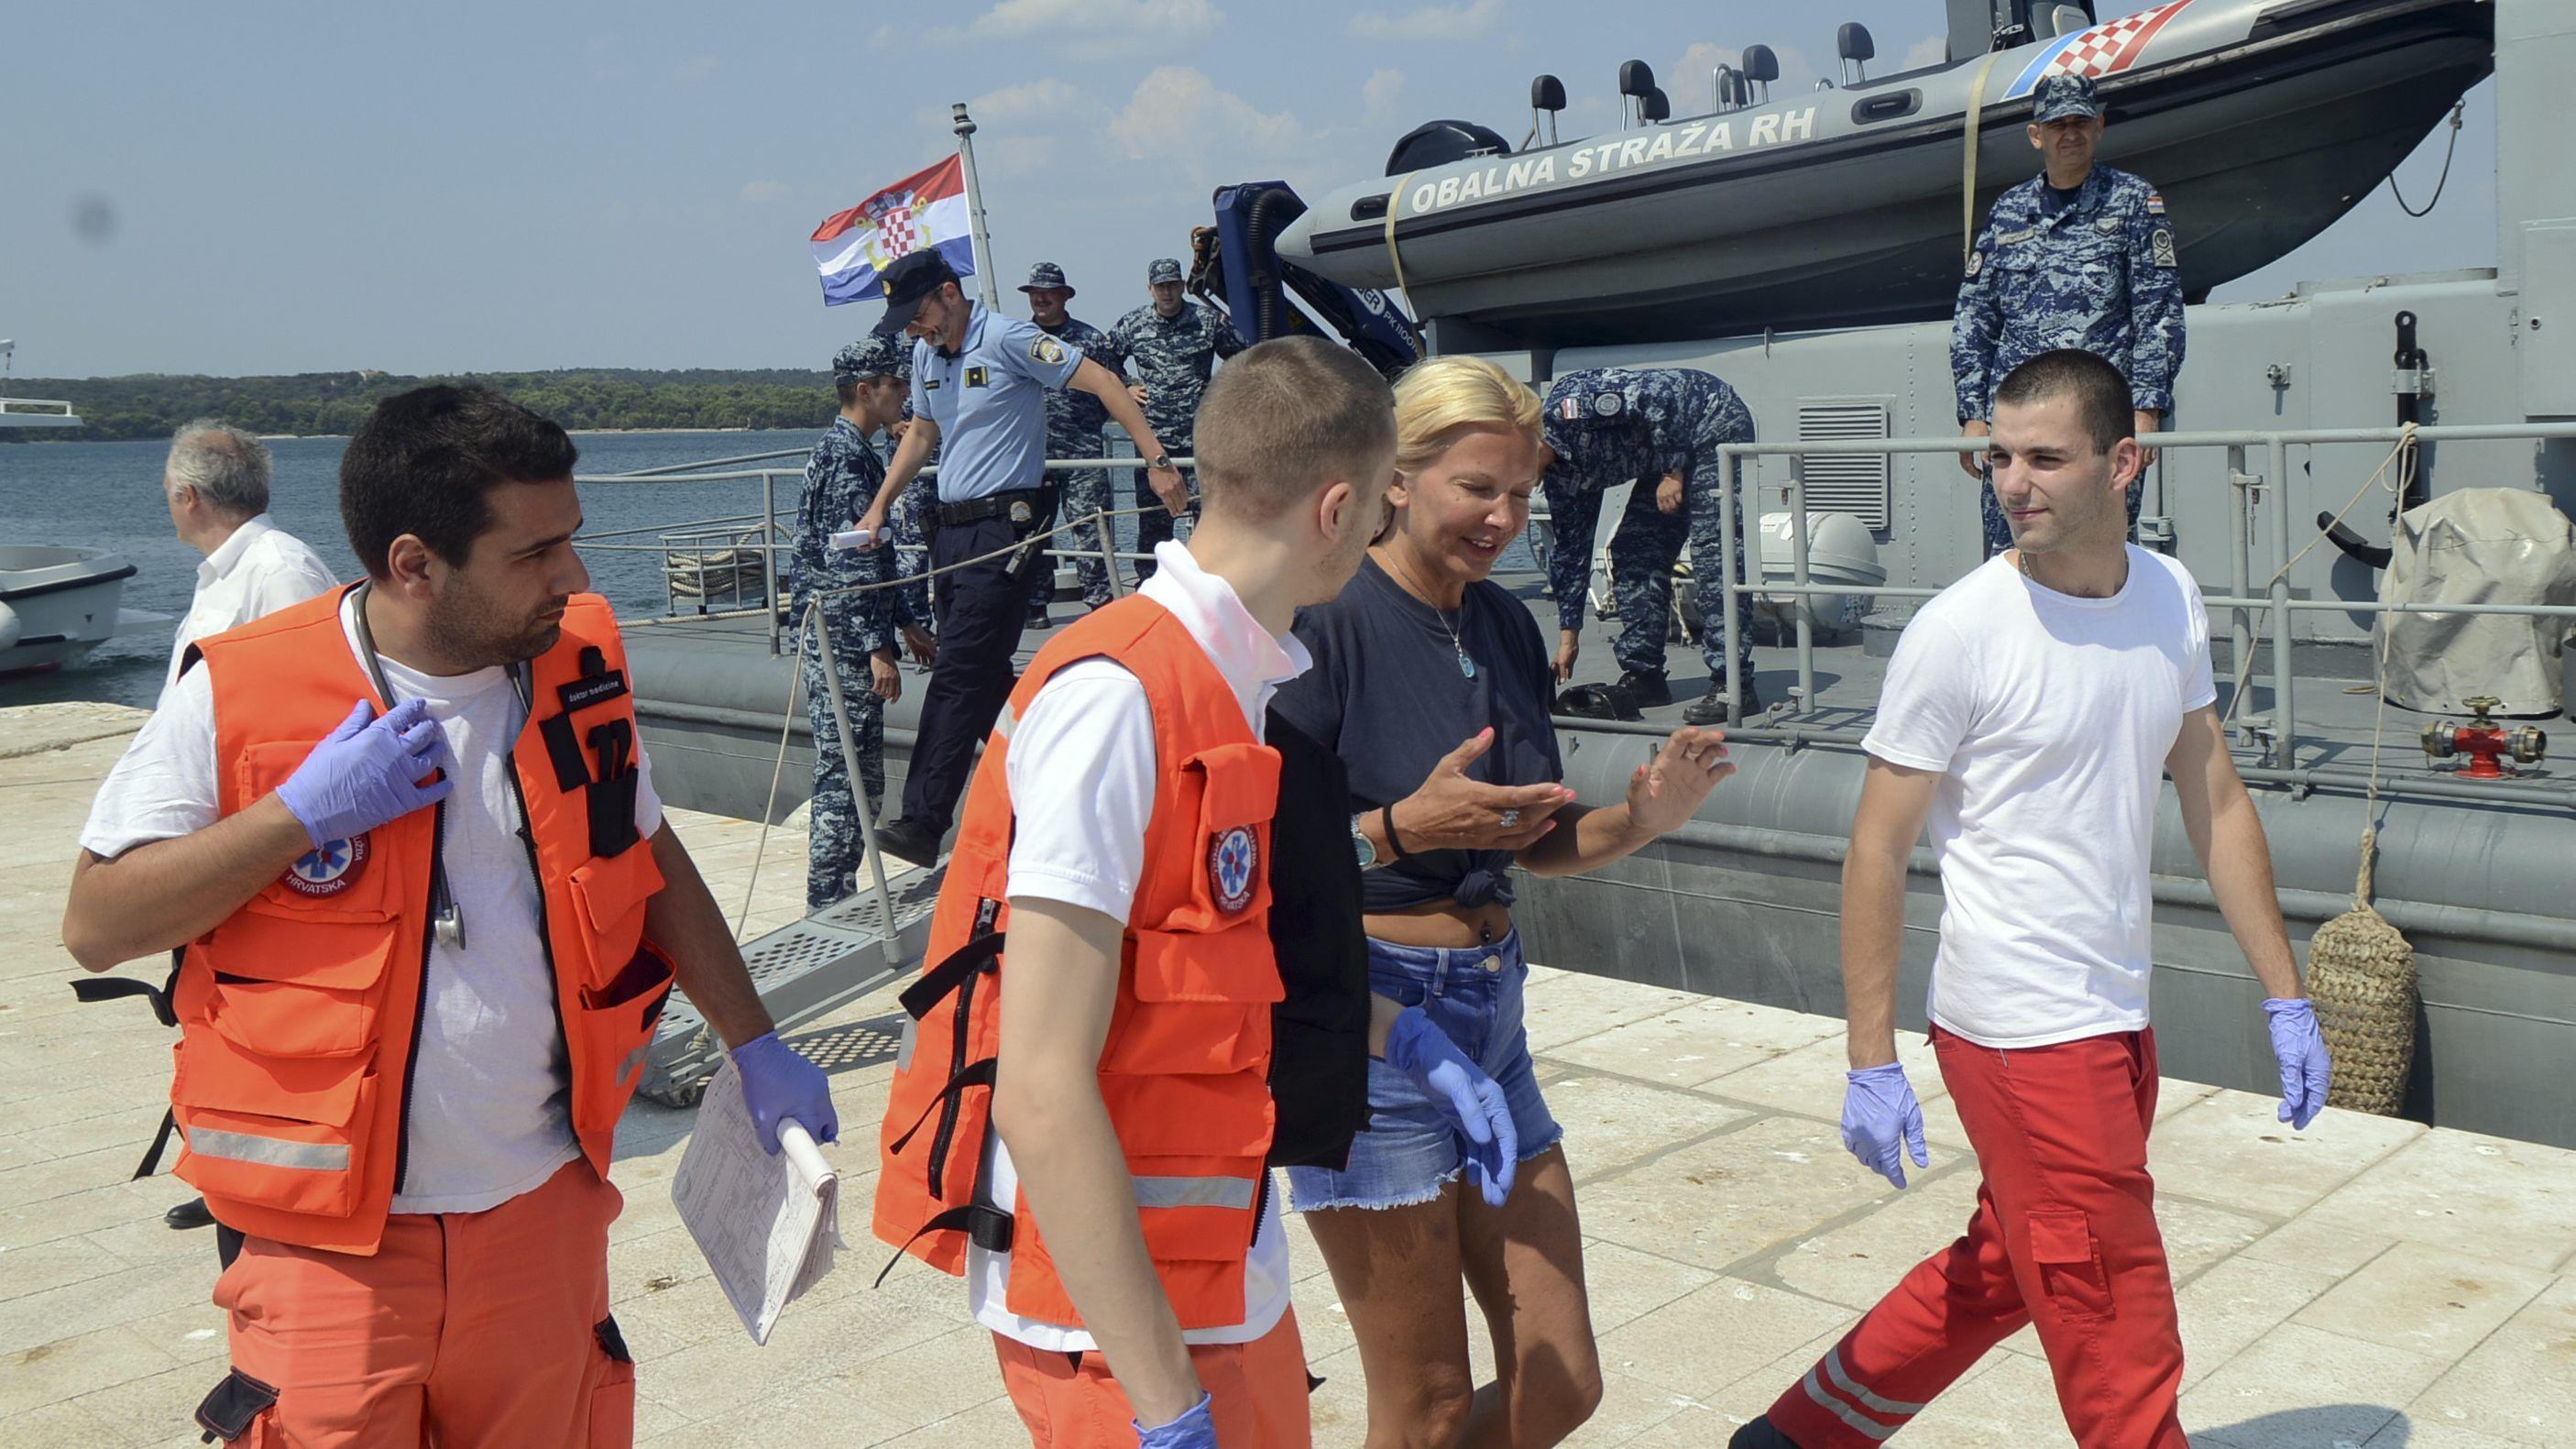 touristin-nach-zehn-stunden-aus-adria-gerettet-ist-sie-gesprungen